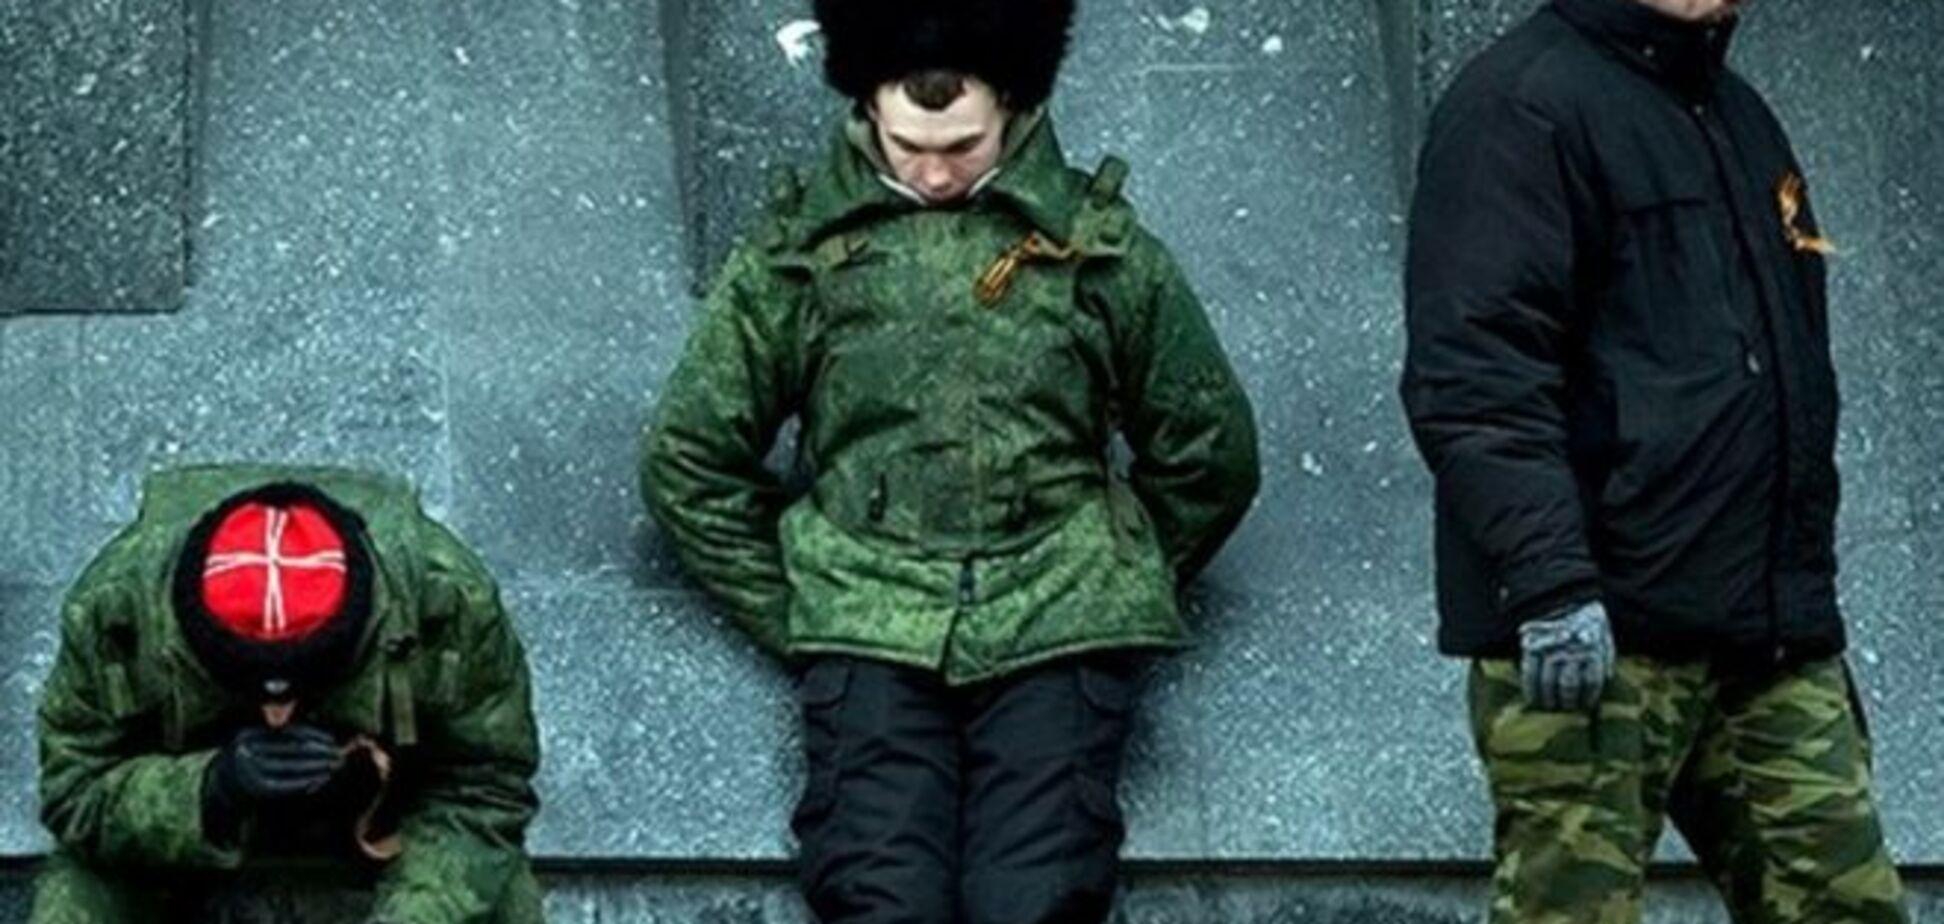 Терористи 'ЛНР' напали на 'козаків' під Красним Лучем і обікрали їх